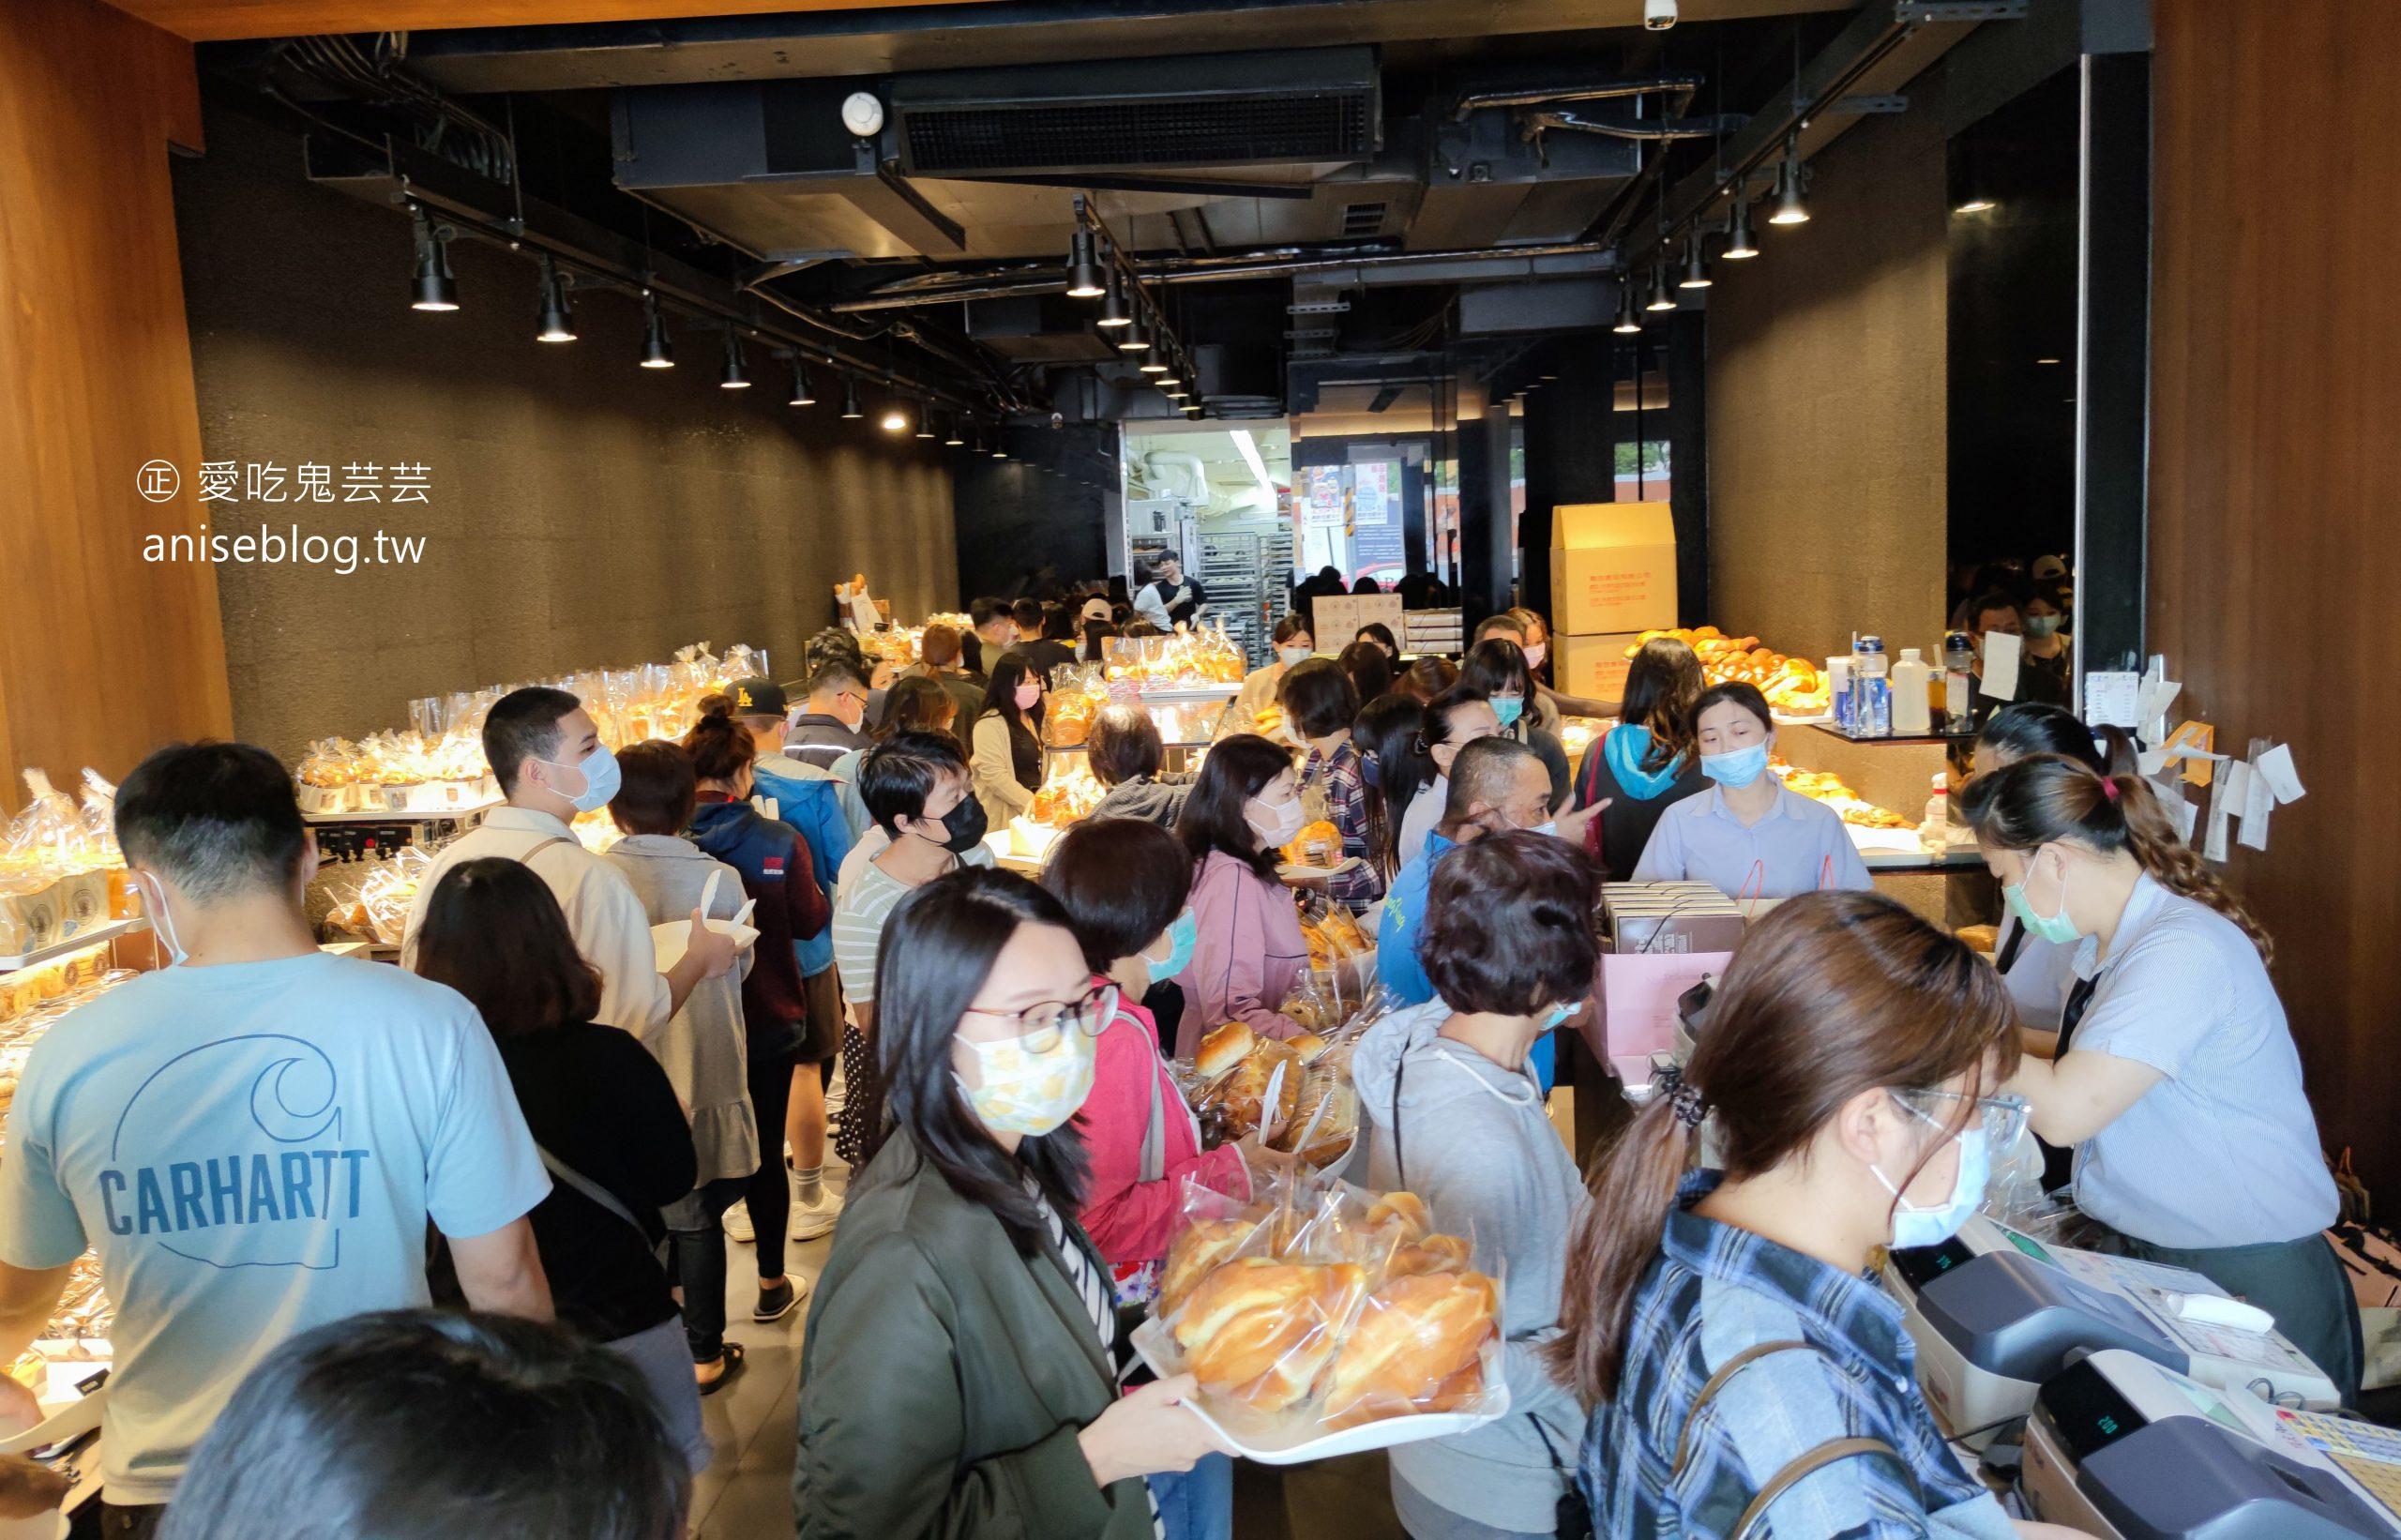 網站近期文章:台南奇蹟葡吉麵包店永遠人山人海,羅宋、奶露是招牌